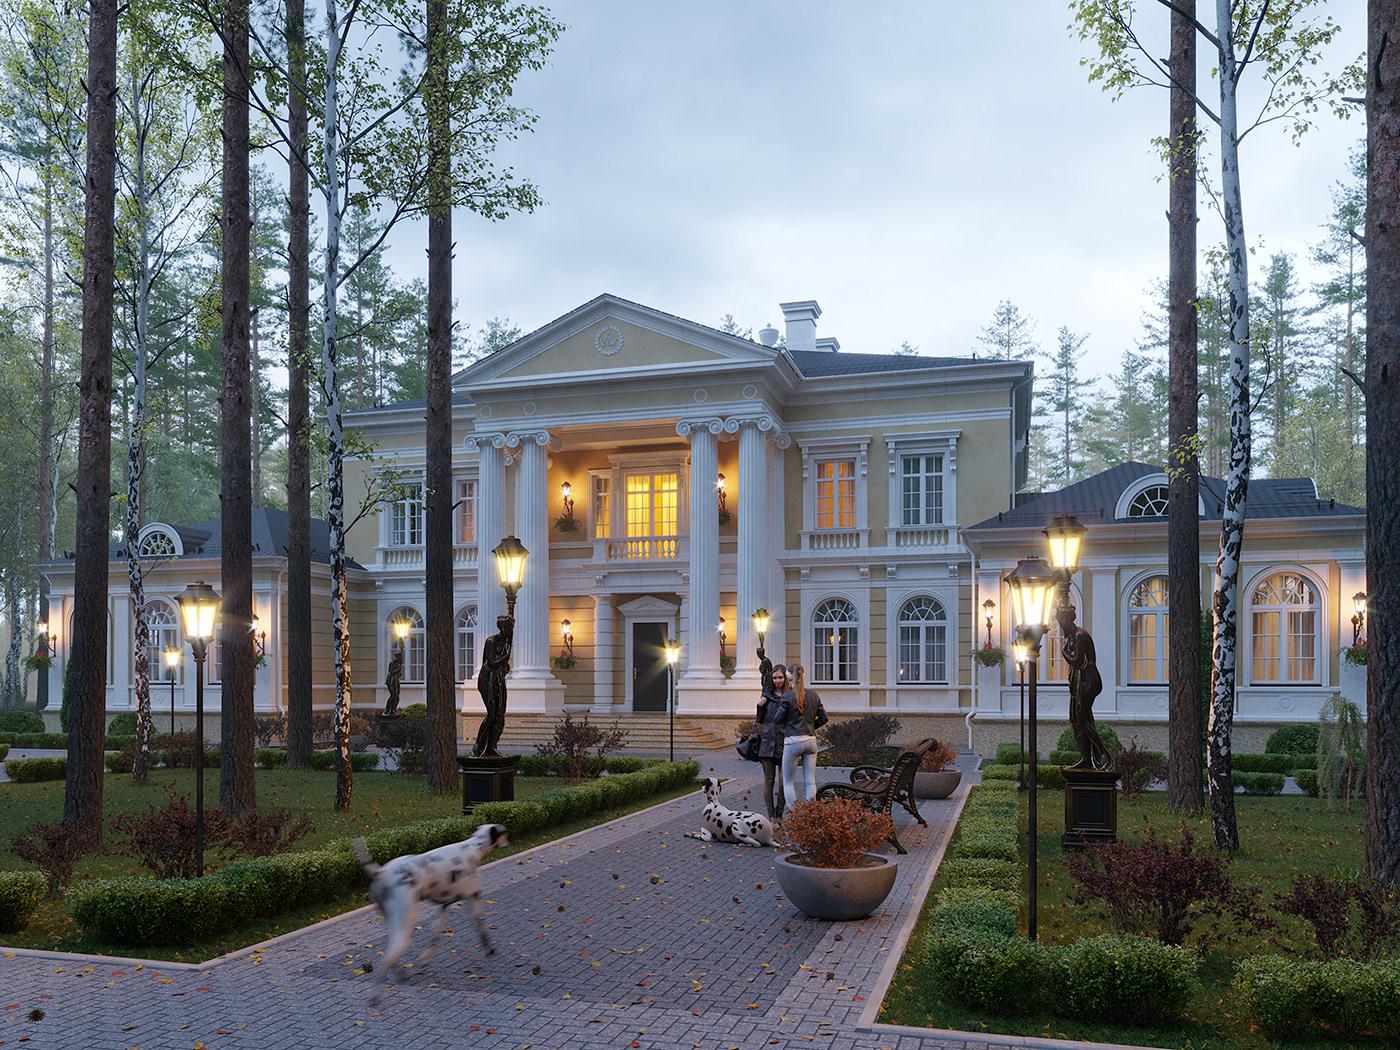 高質感的40個建築風格欣賞